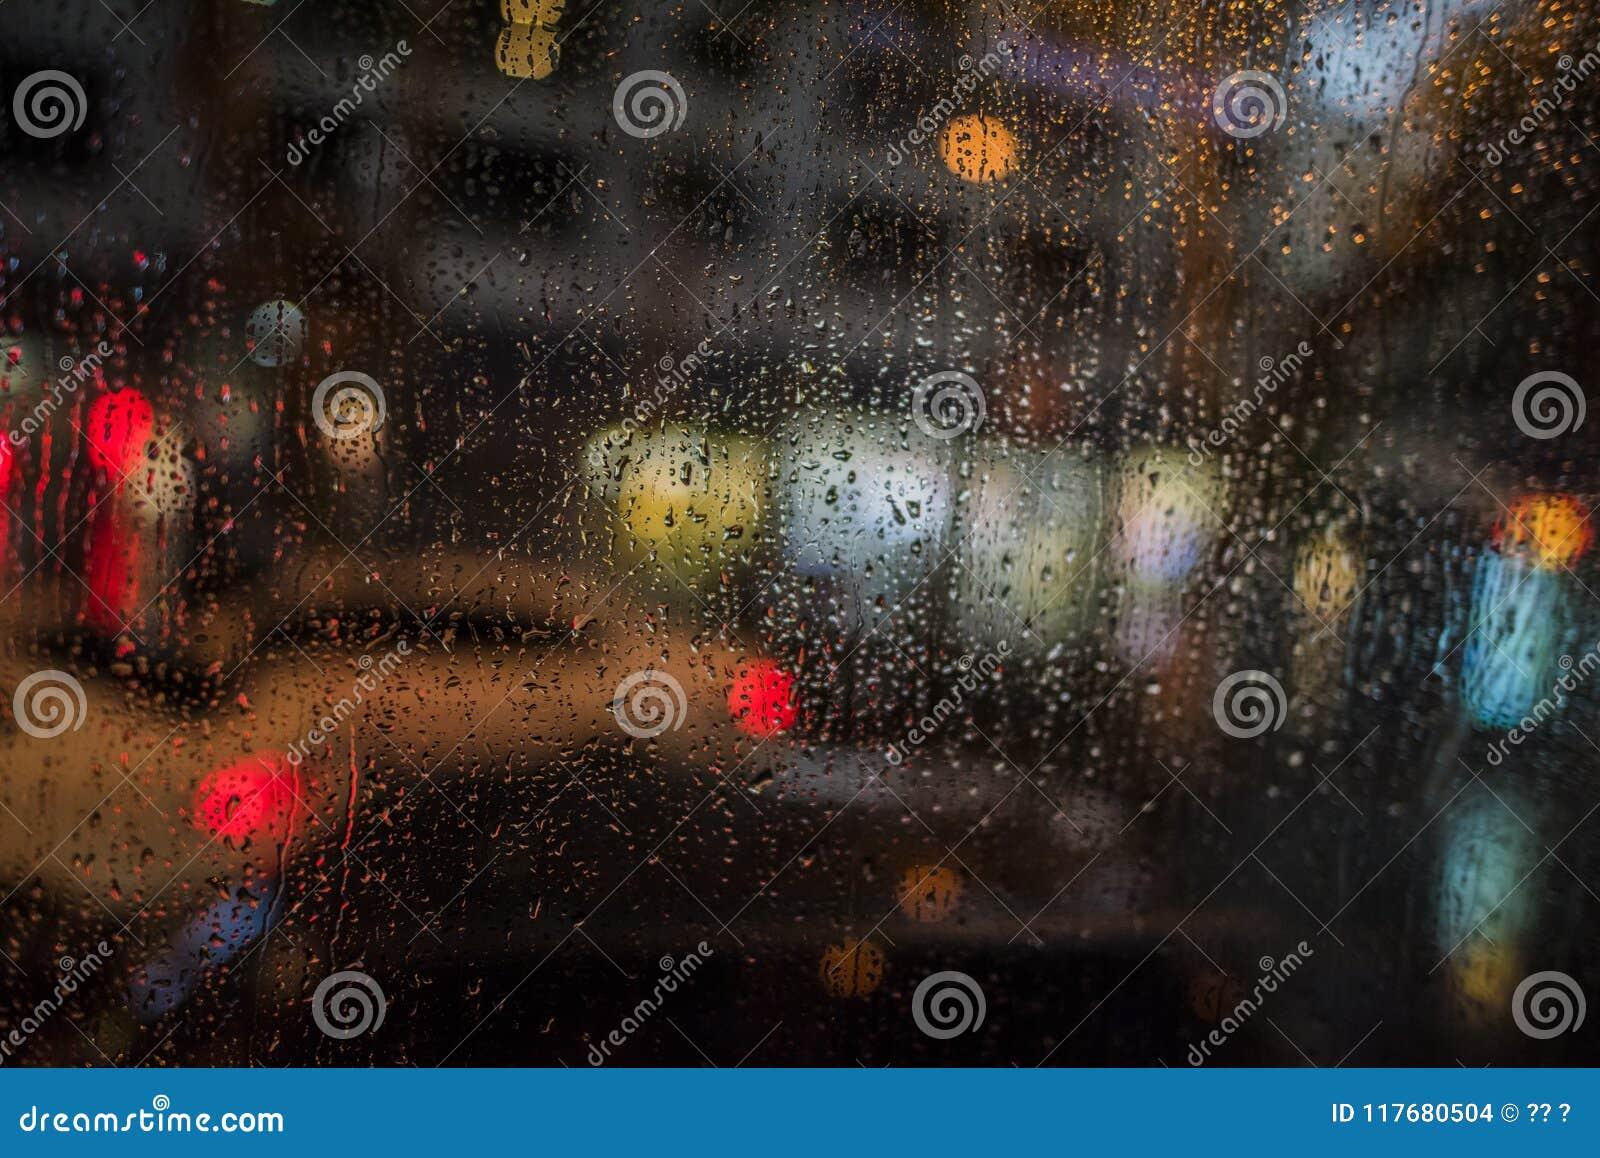 Βροχερή νύχτα, ελαφριά έξω από το παράθυρο λεωφορείων